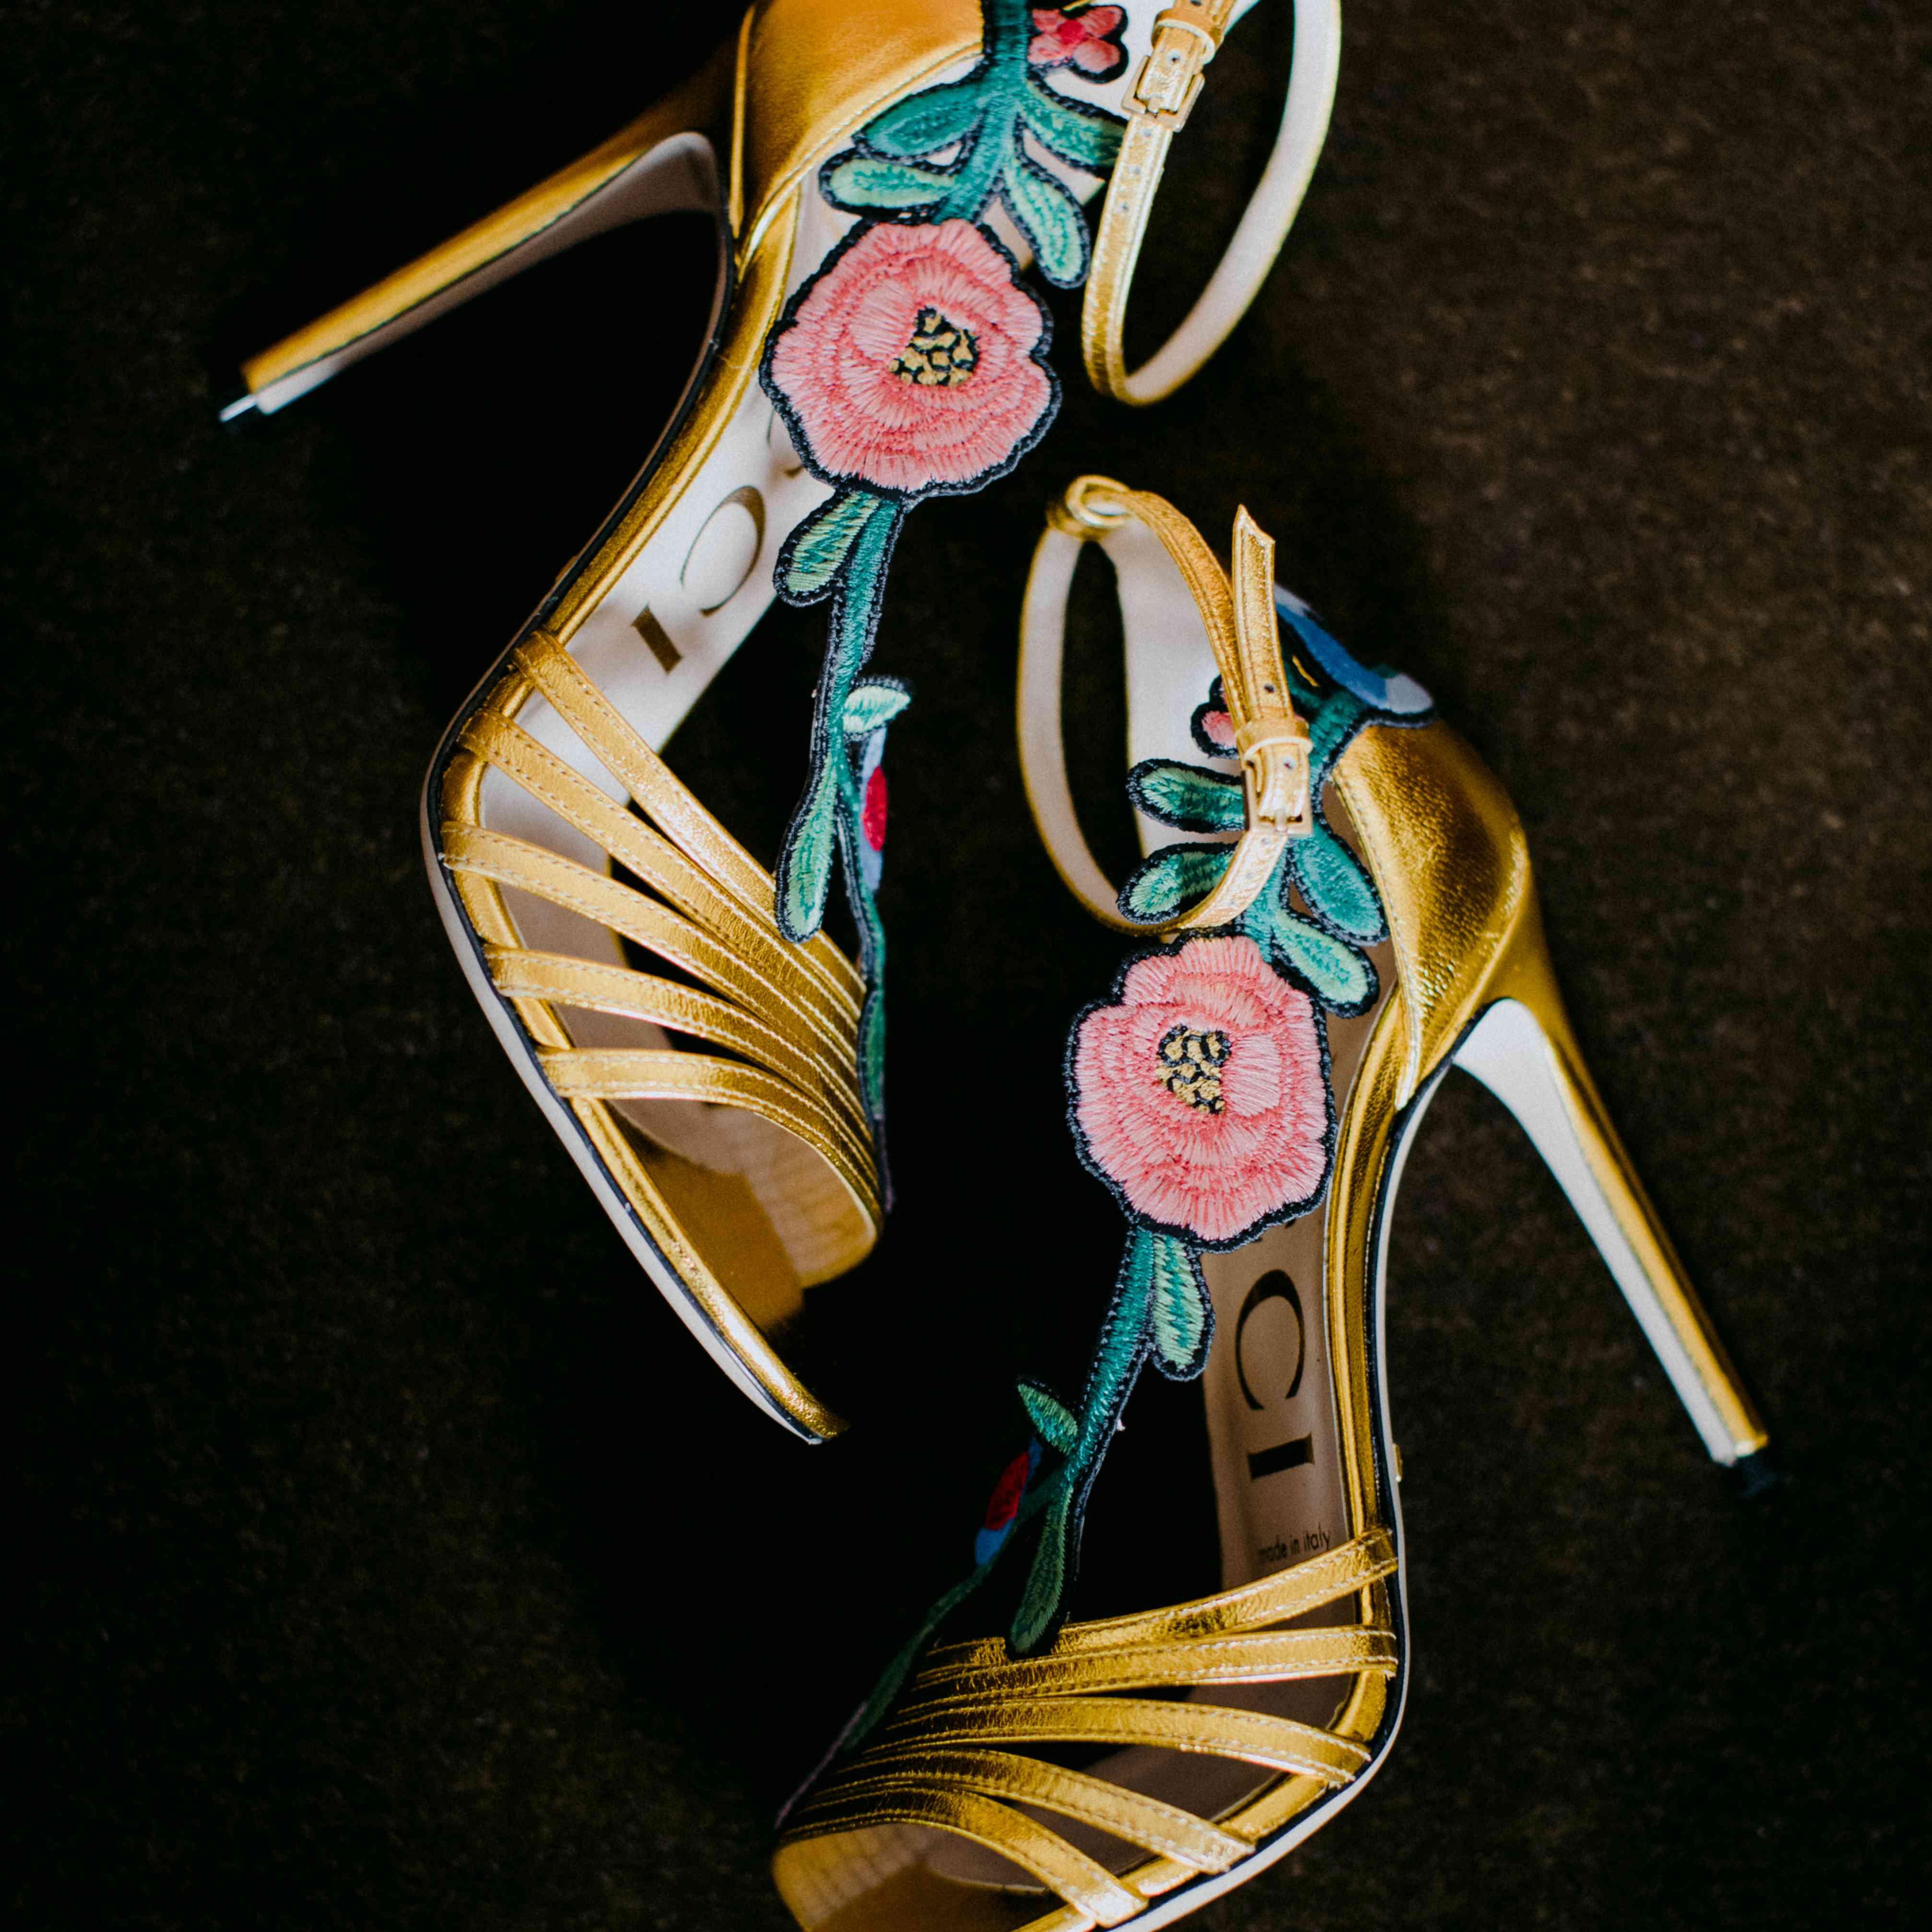 Gucci shoes detail